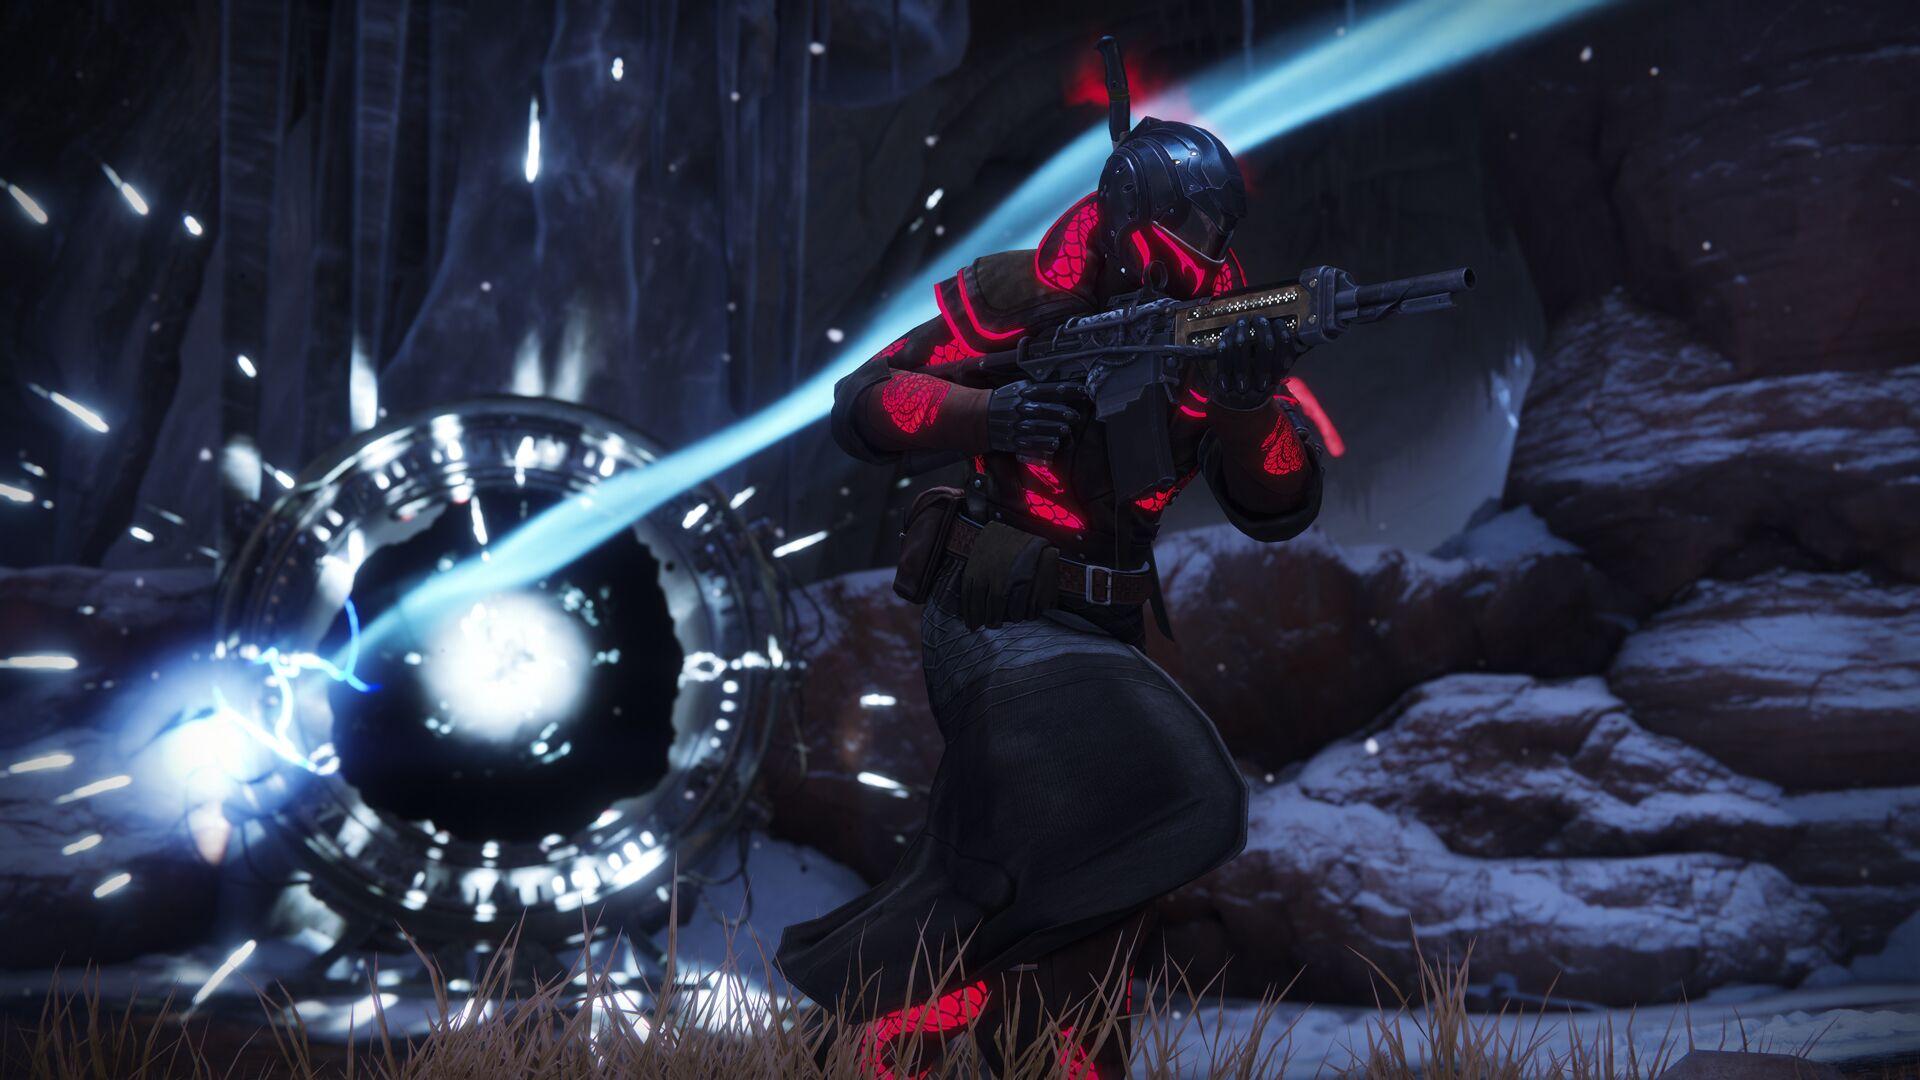 gambit prime, destiny 2